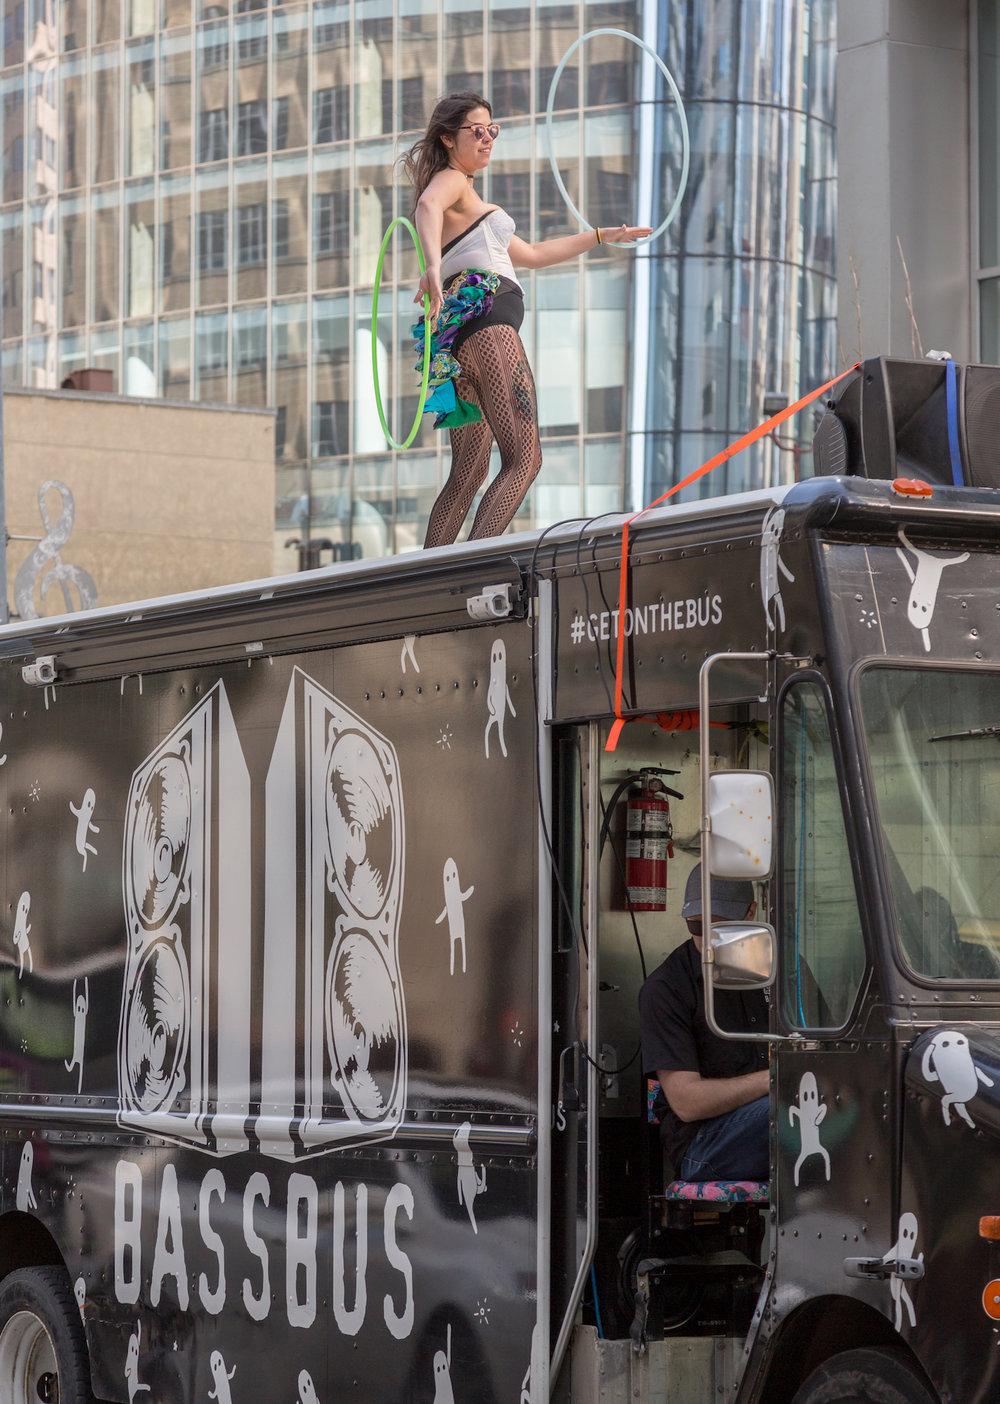 Bassbus Hoop Girl2.jpg